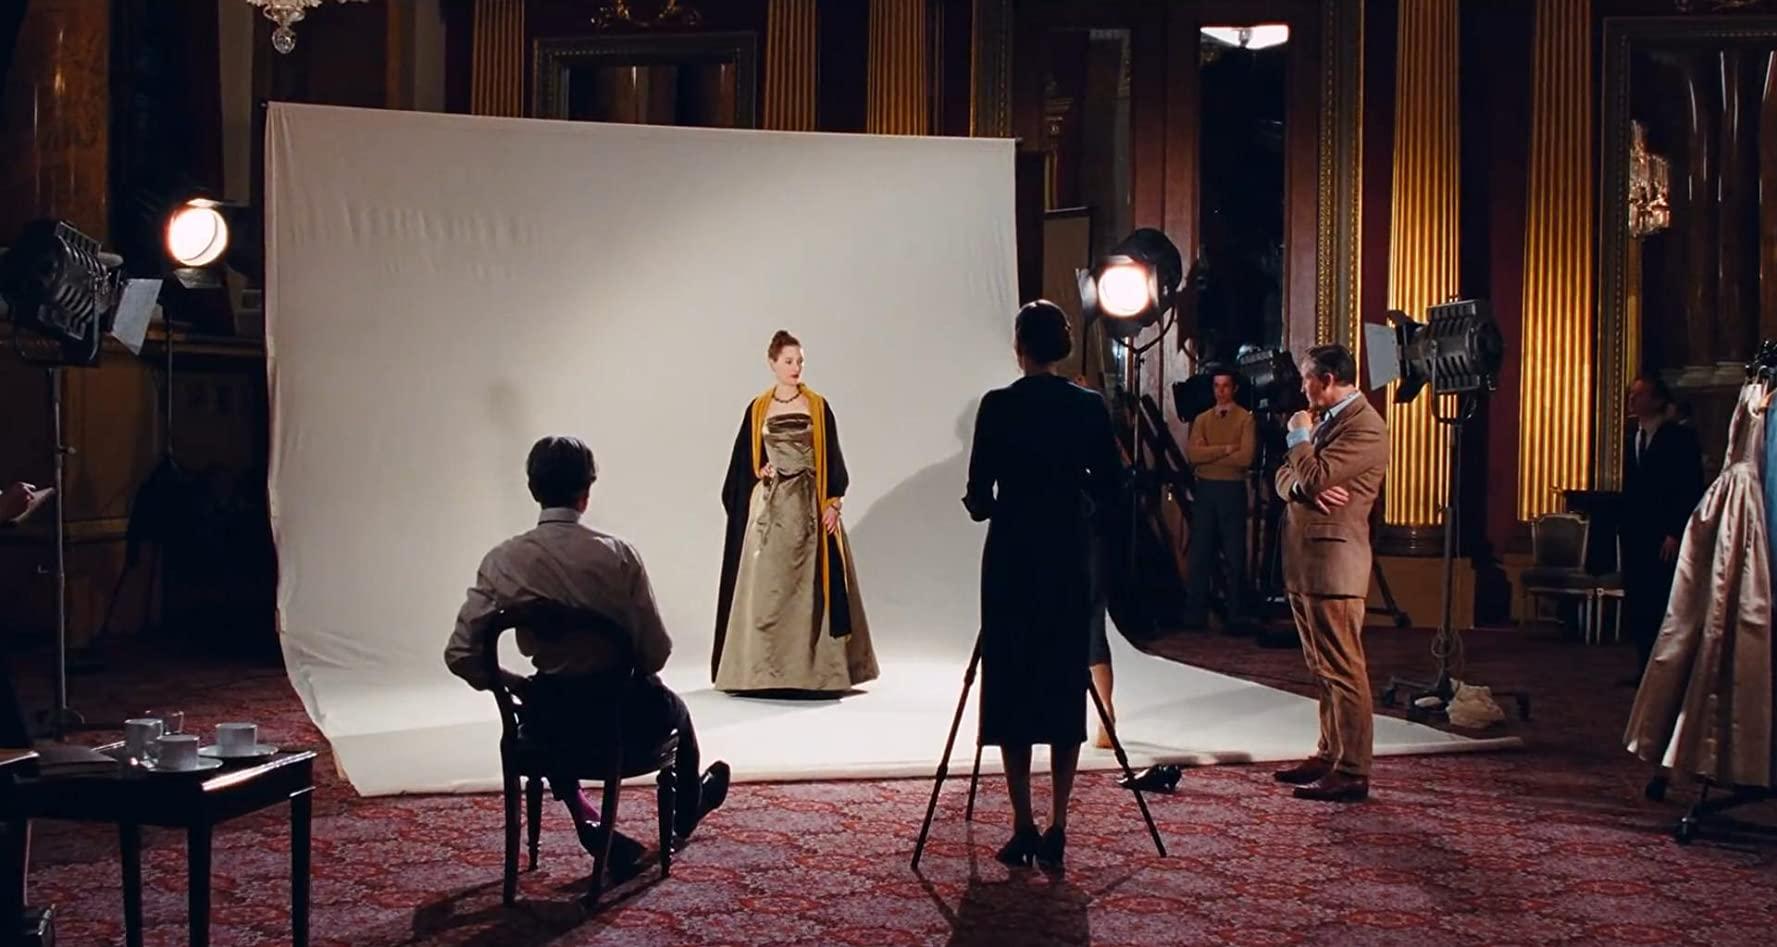 thời trang trong phim phantom thred bộ váy xanh xám ghi choàng khăn